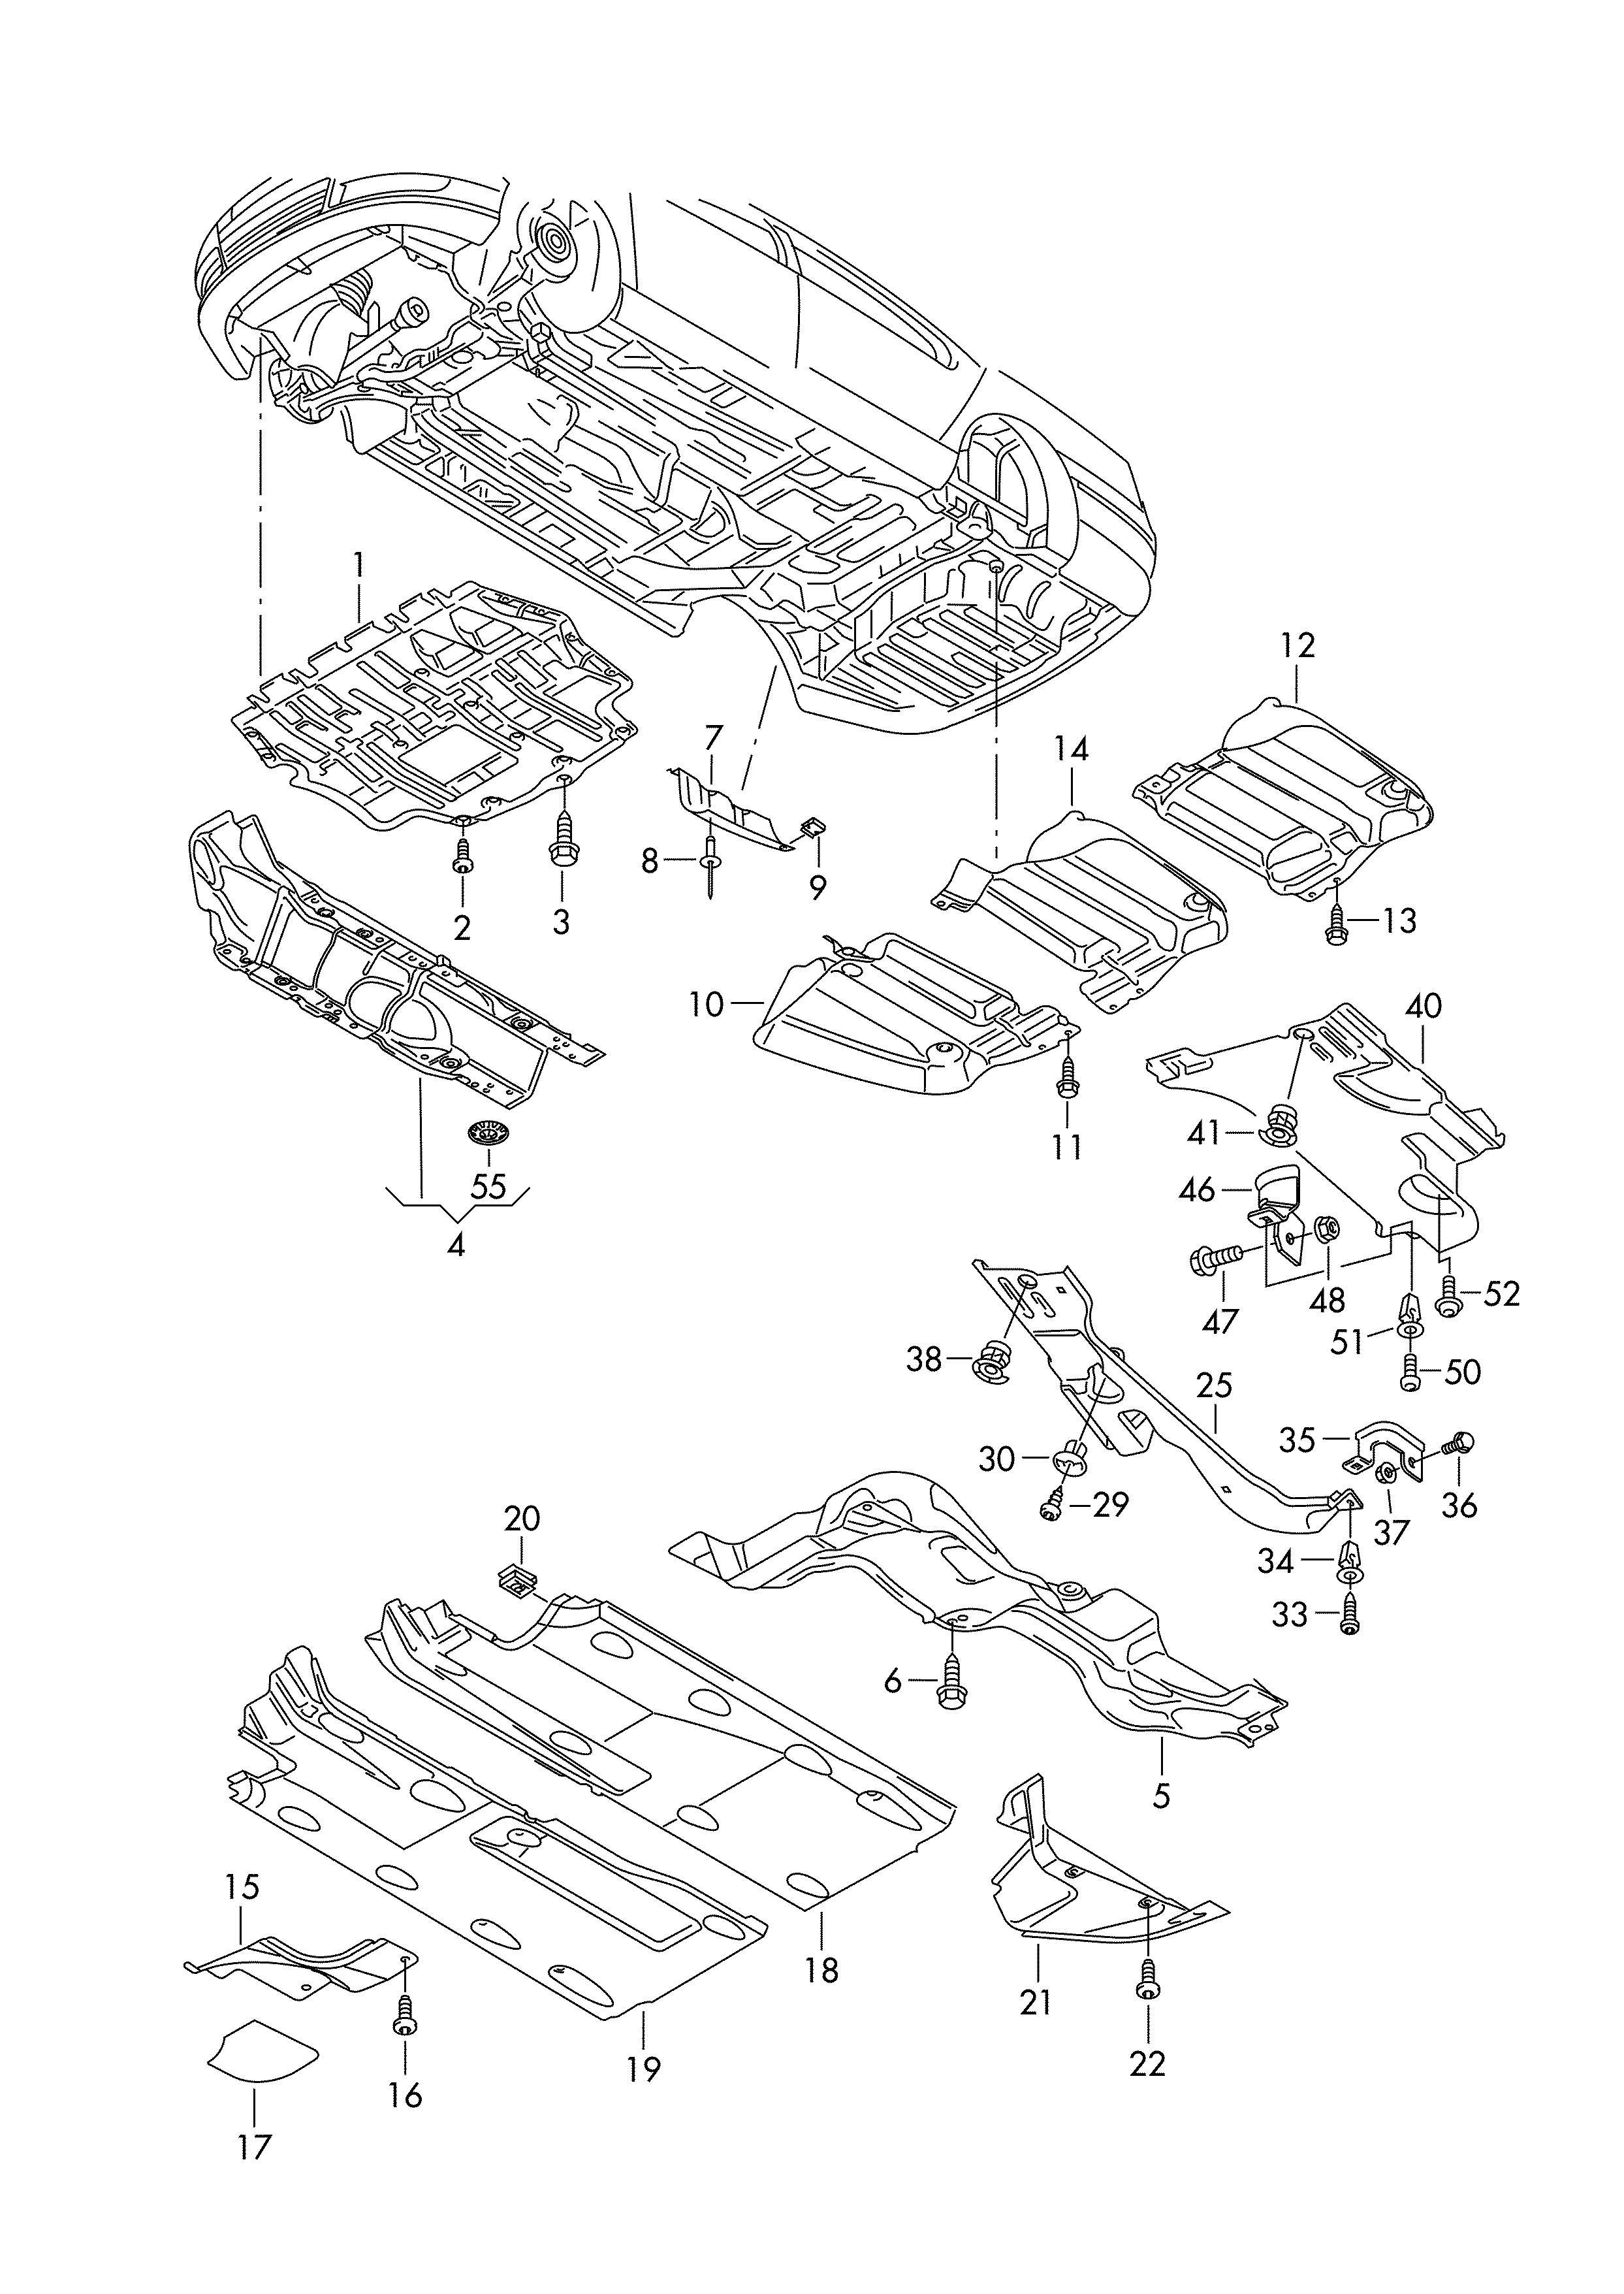 [DIAGRAM] Wiring Diagram For 1991 Passat Computer FULL